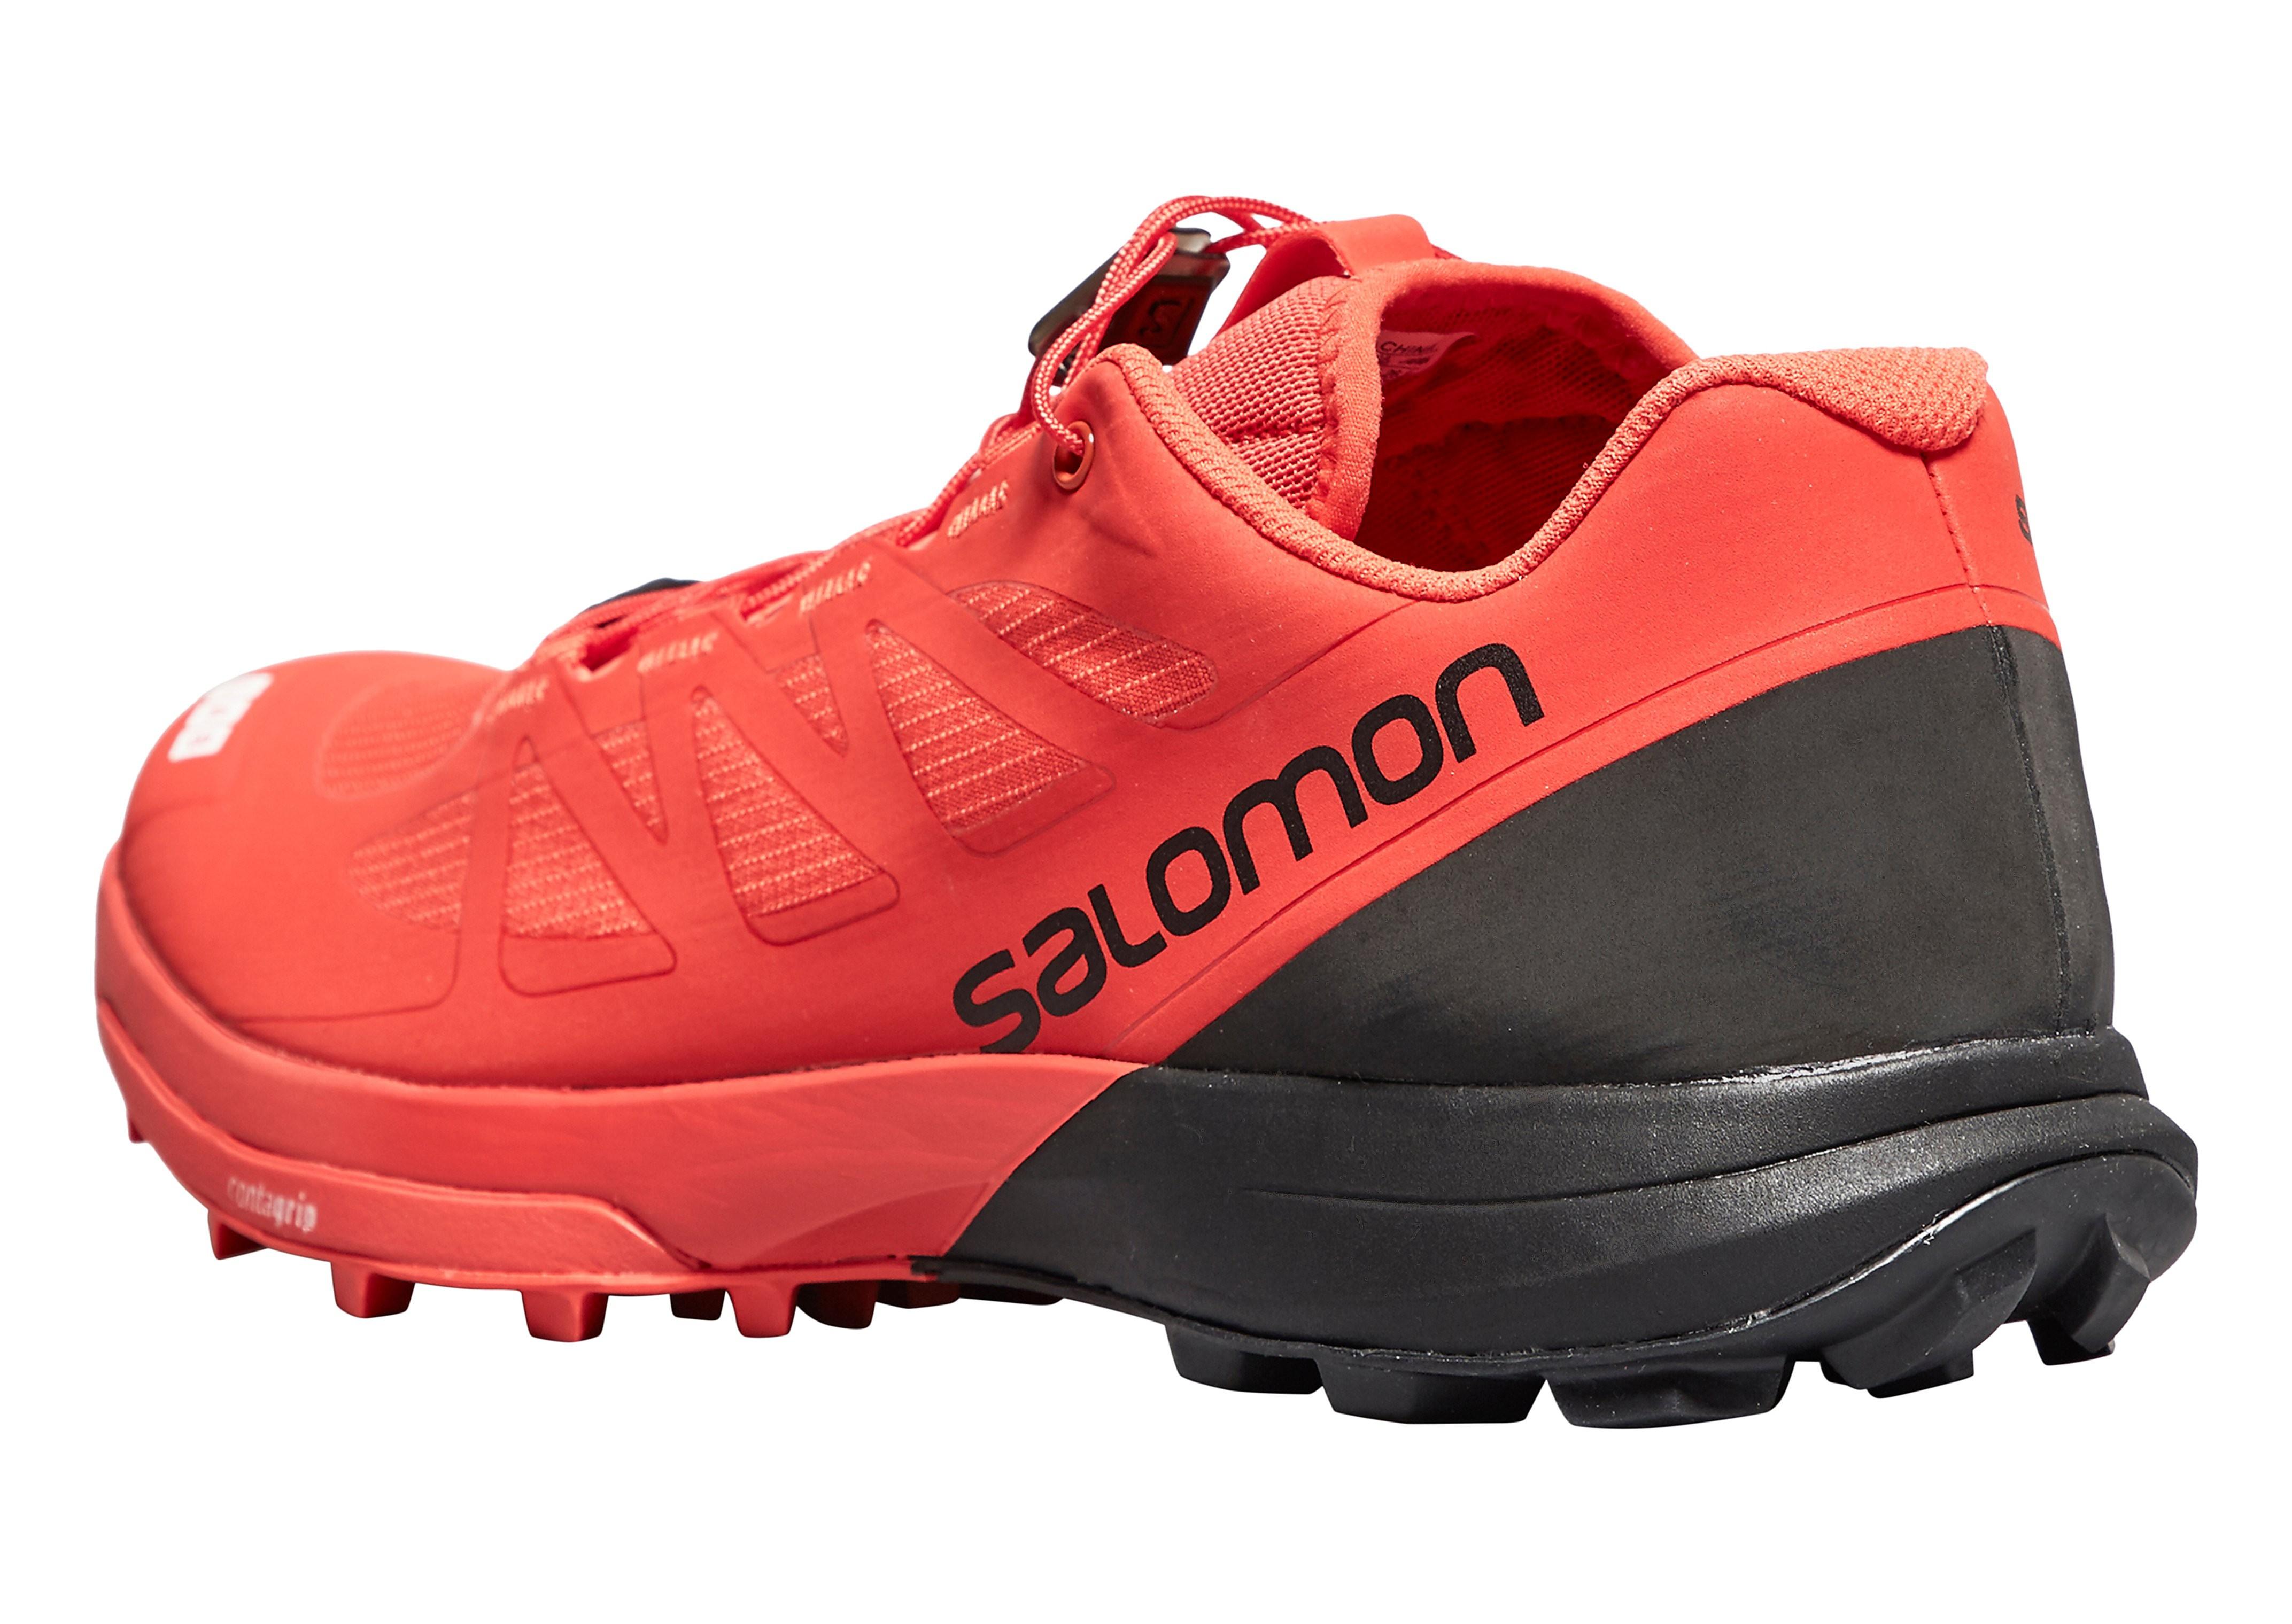 Salomon S-Lab Sense 6 SG Shoes